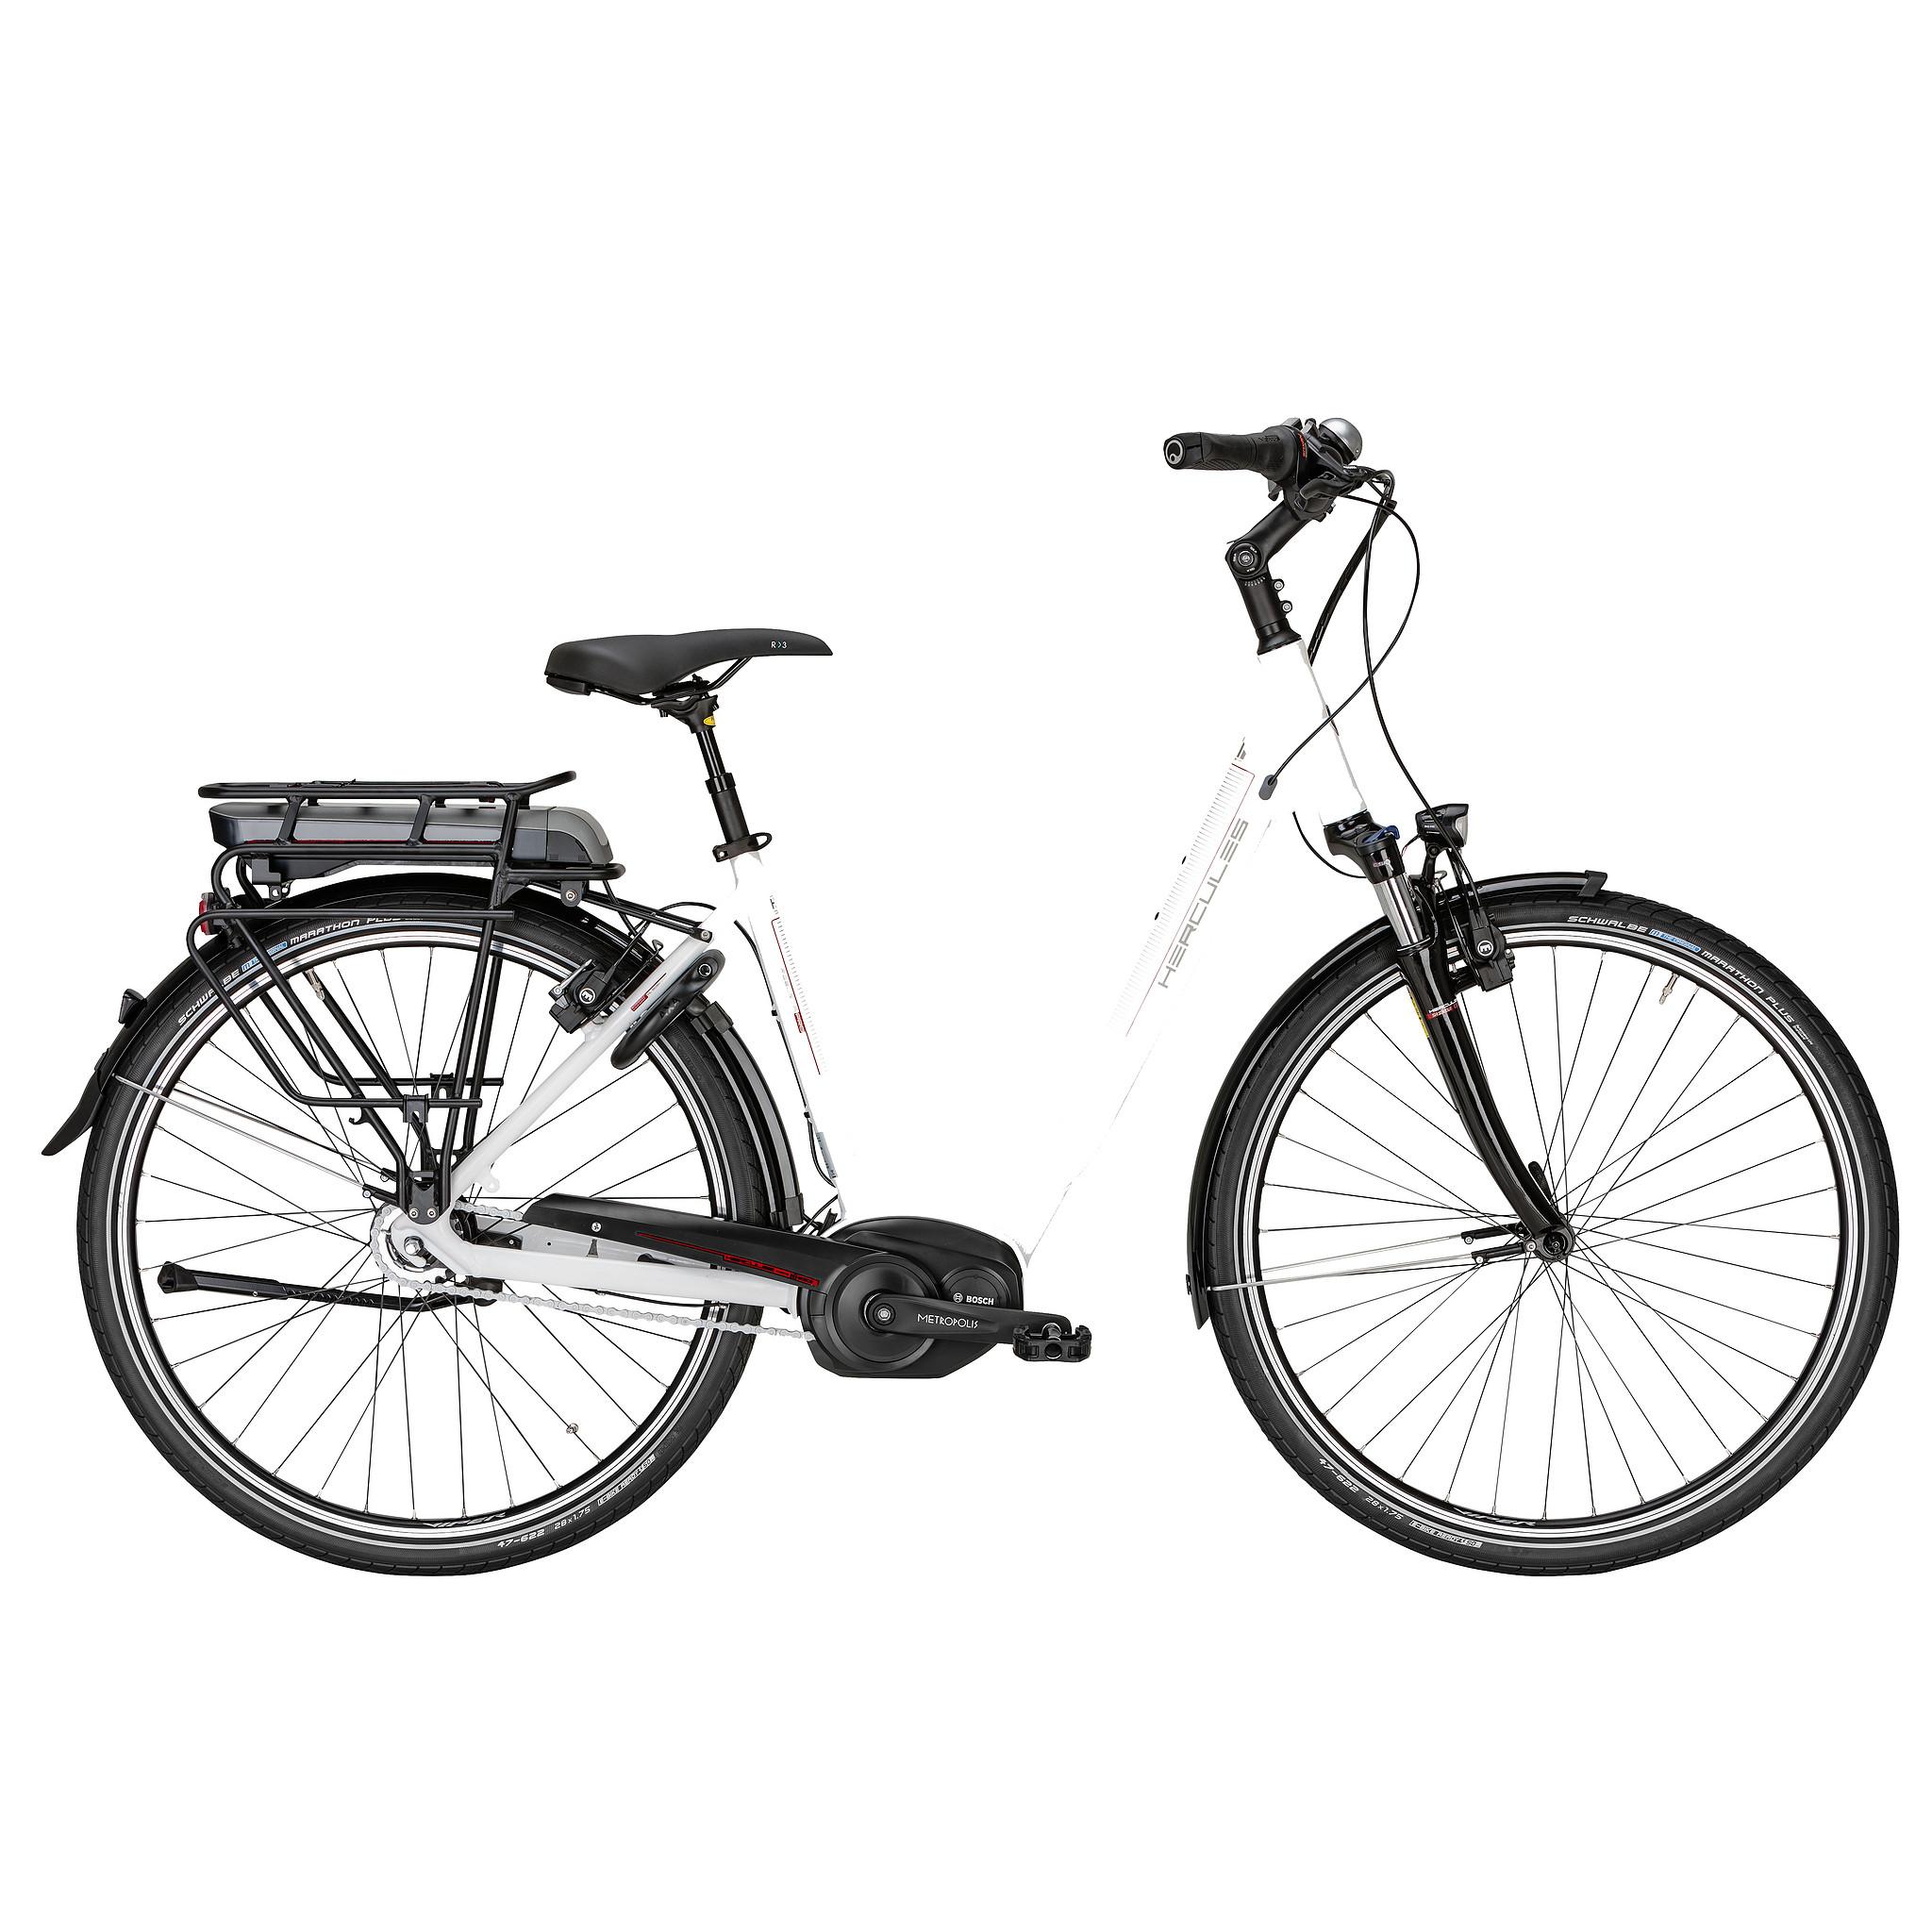 Hercules Elektrische fiets Roberta Pro F8 dames wit 54cm 504 Watt Wit